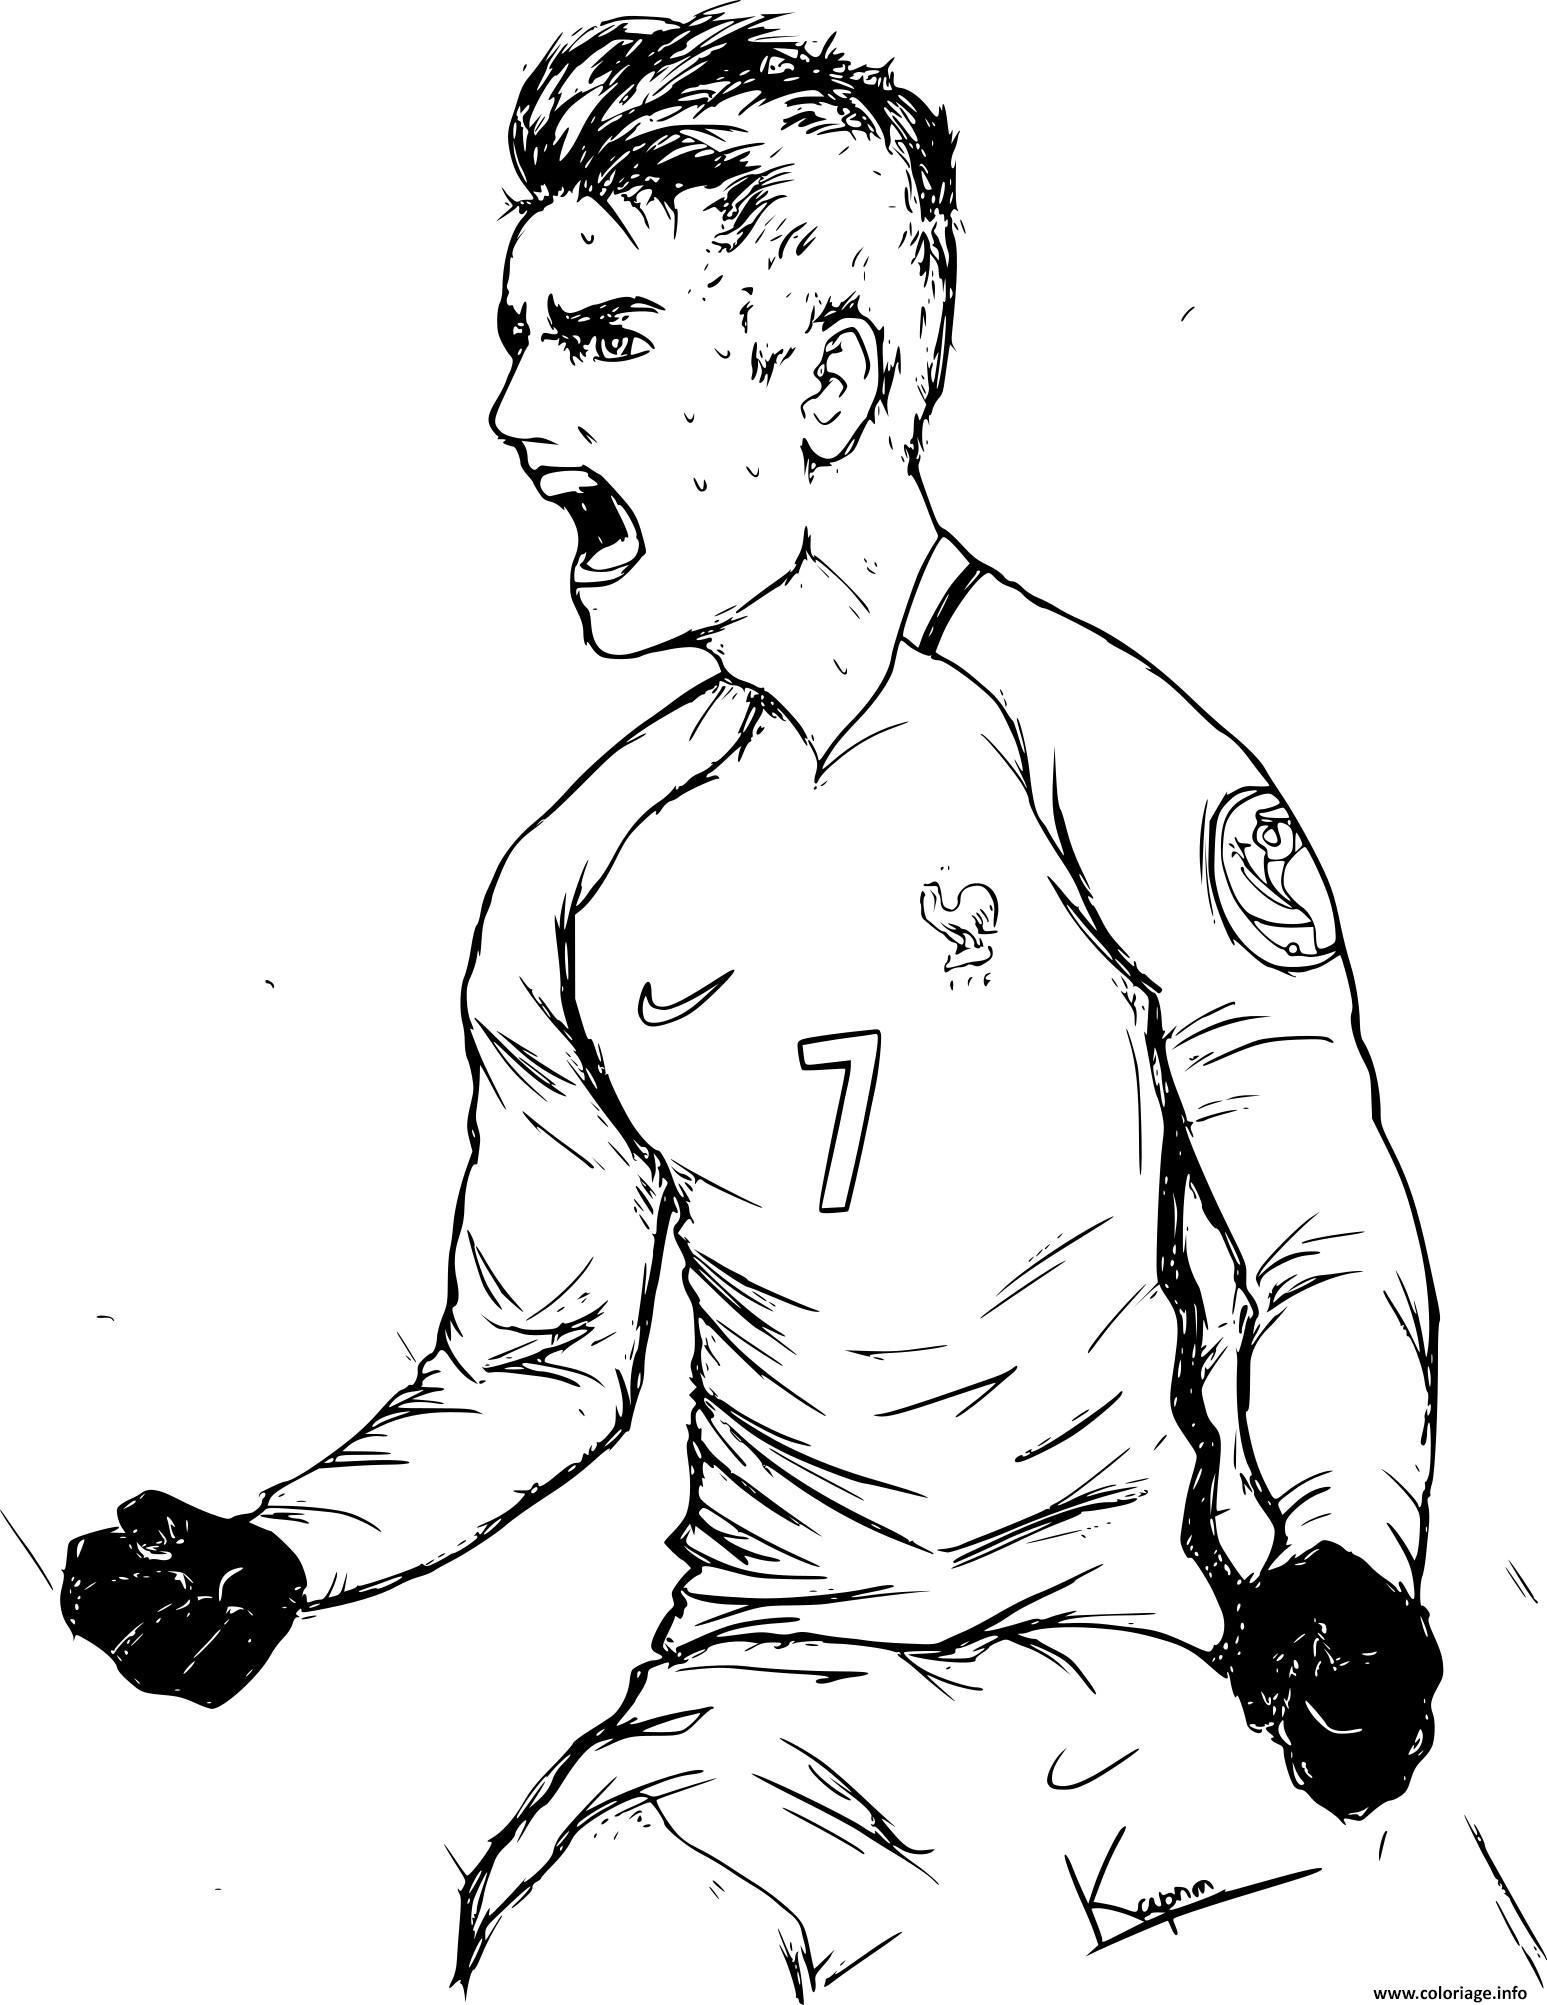 Coloriage joueur de foot antoine griezmann equipe de france - Image de joueur de foot a imprimer ...